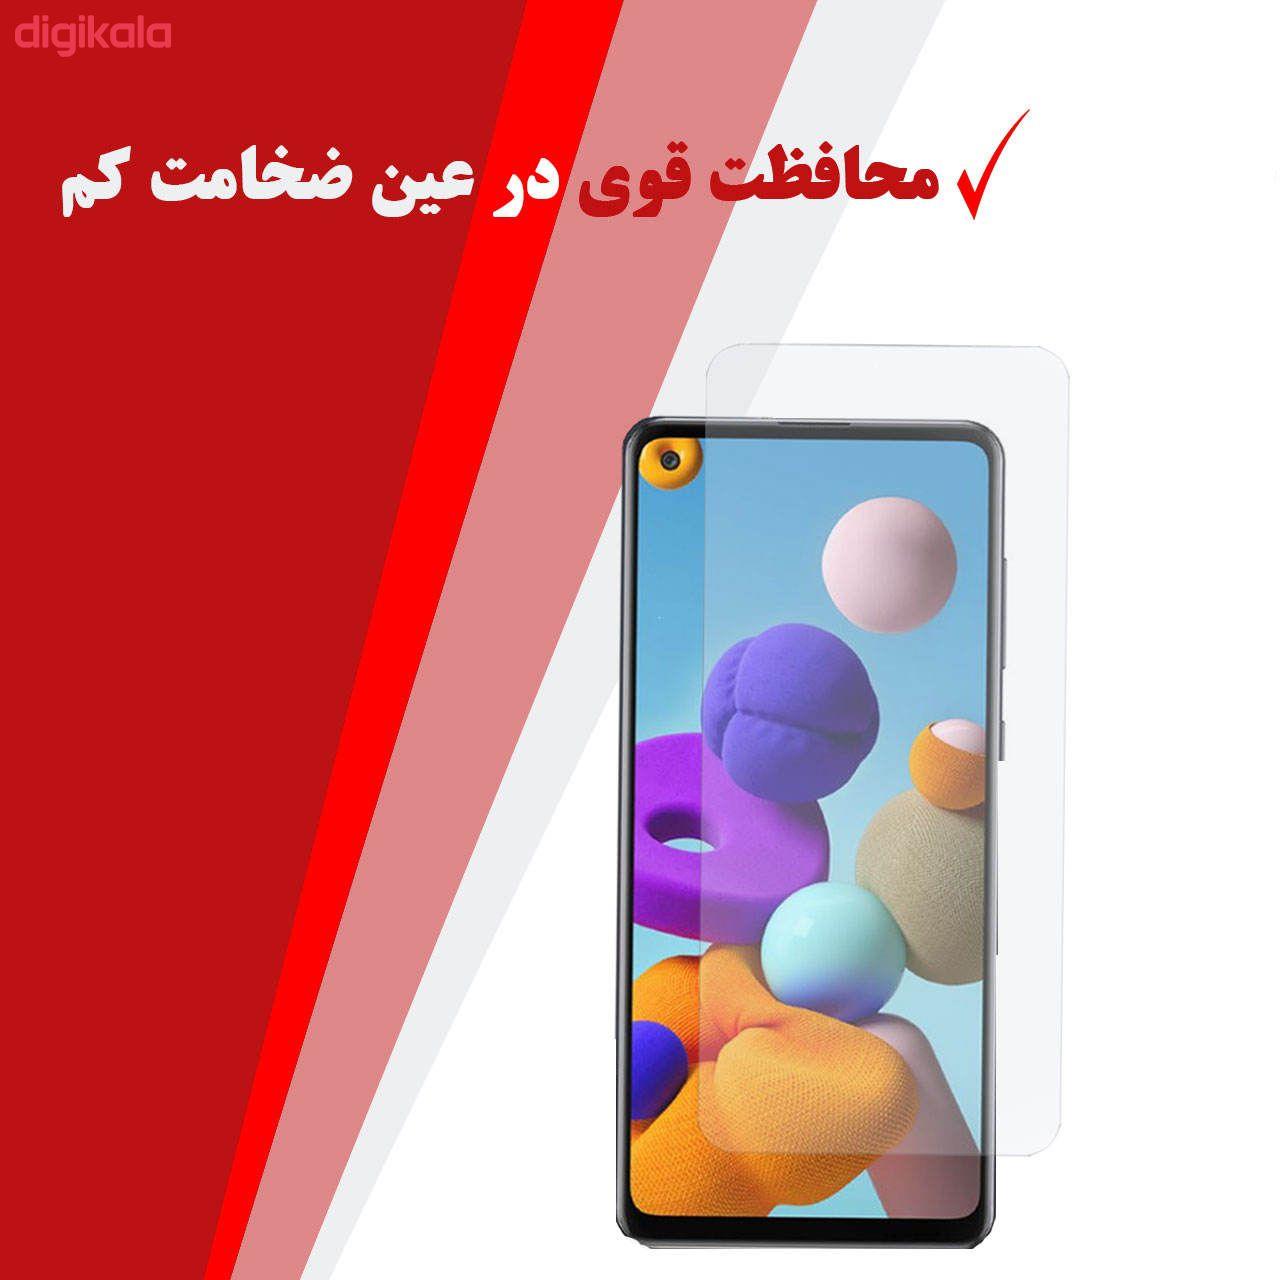 محافظ صفحه نمایش فوکس مدل PR001 مناسب برای گوشی موبایل سامسونگ Galaxy A21s main 1 14